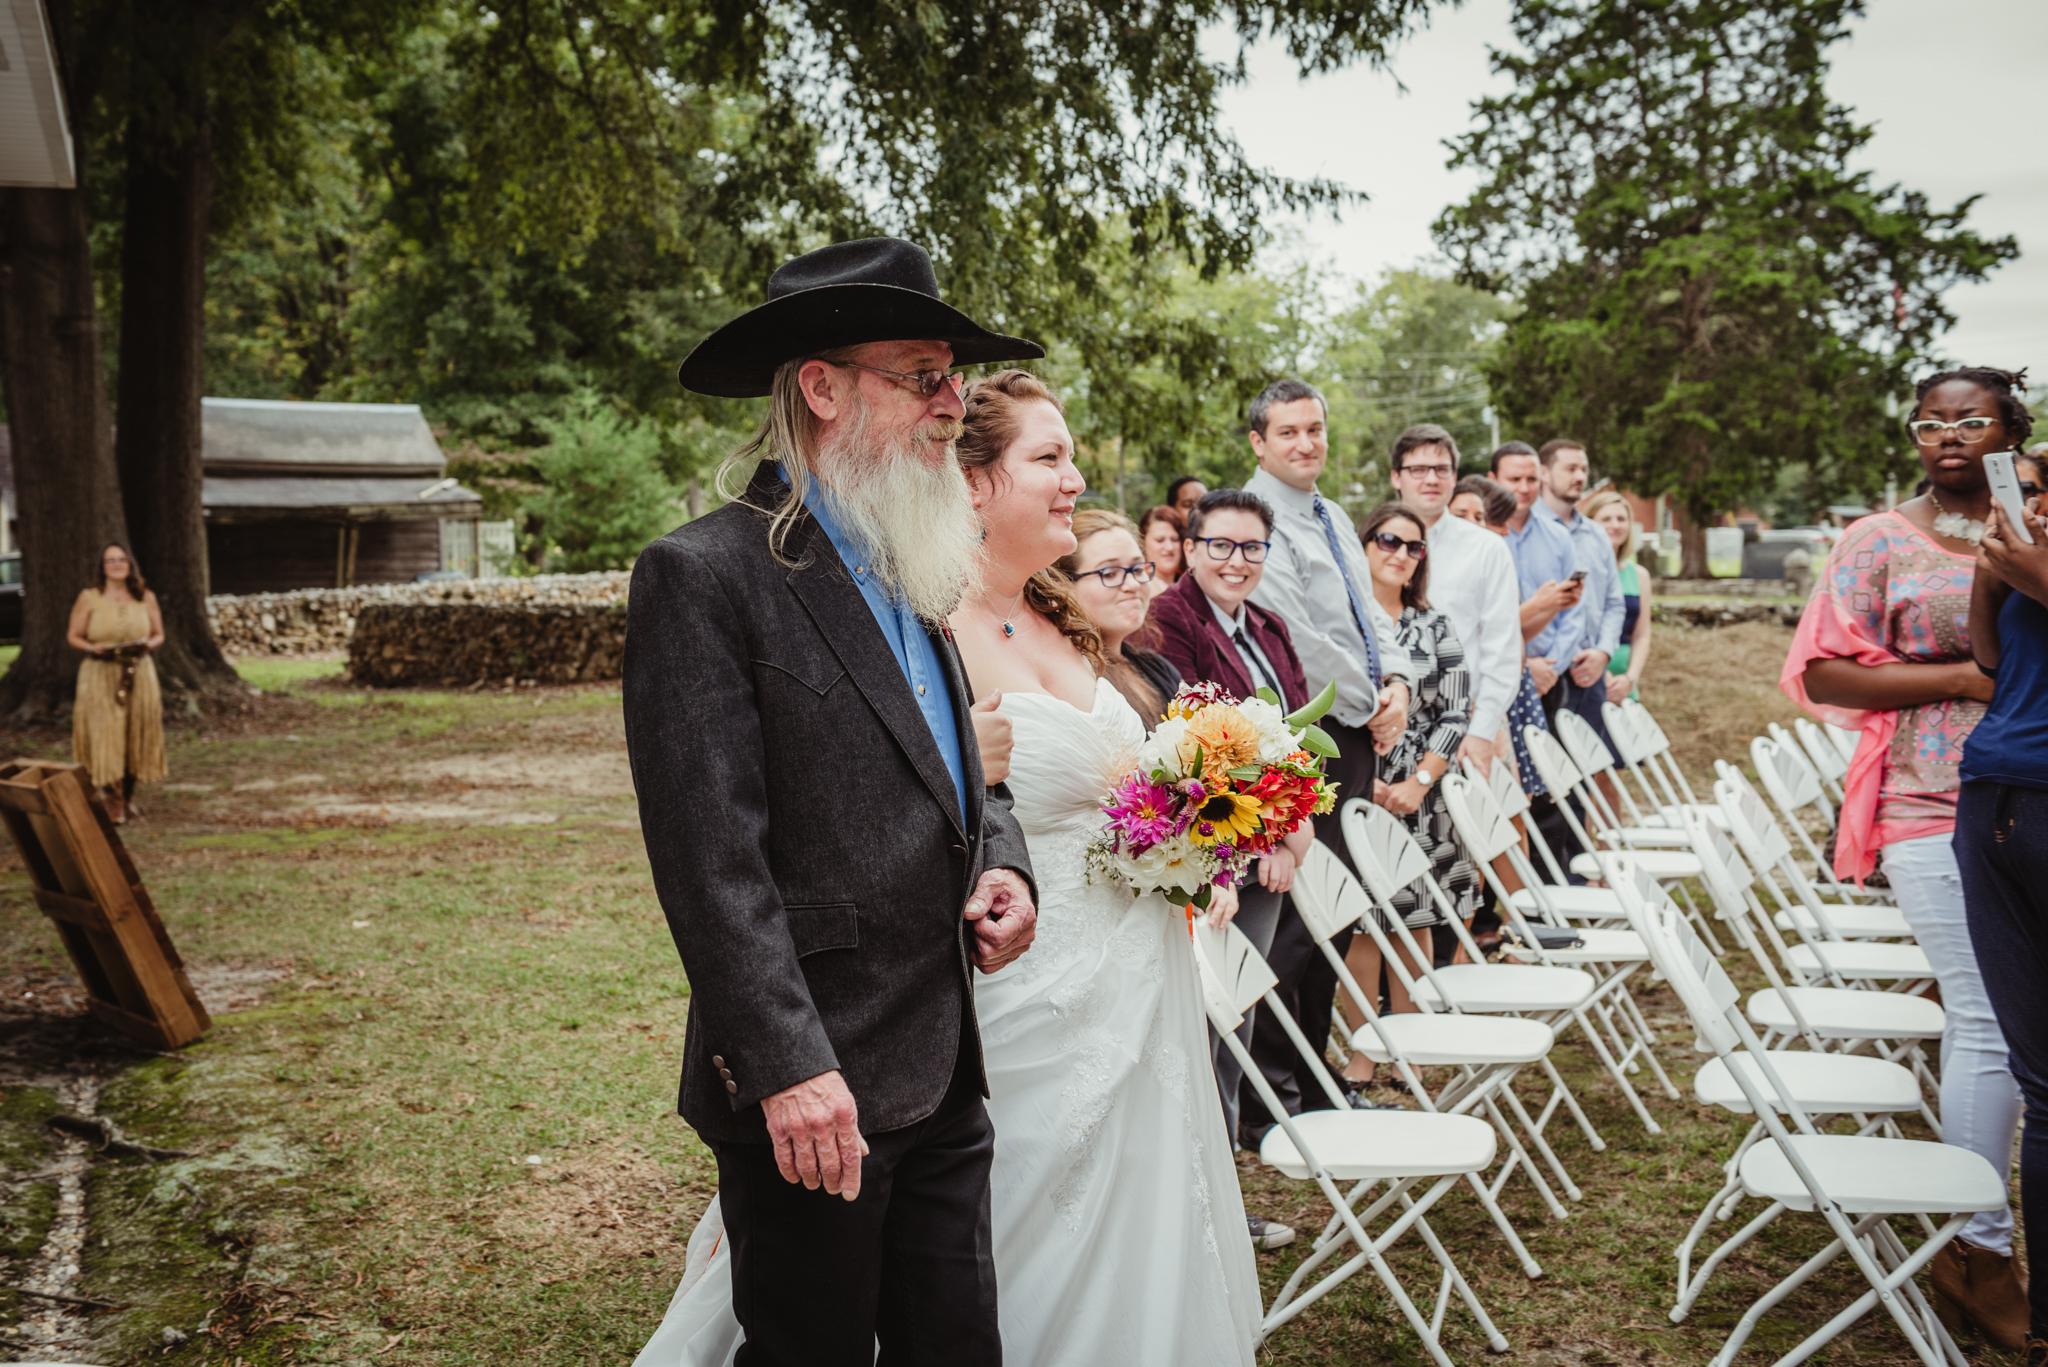 raleigh-wedding-outdoor-ceremony-cd.jpg